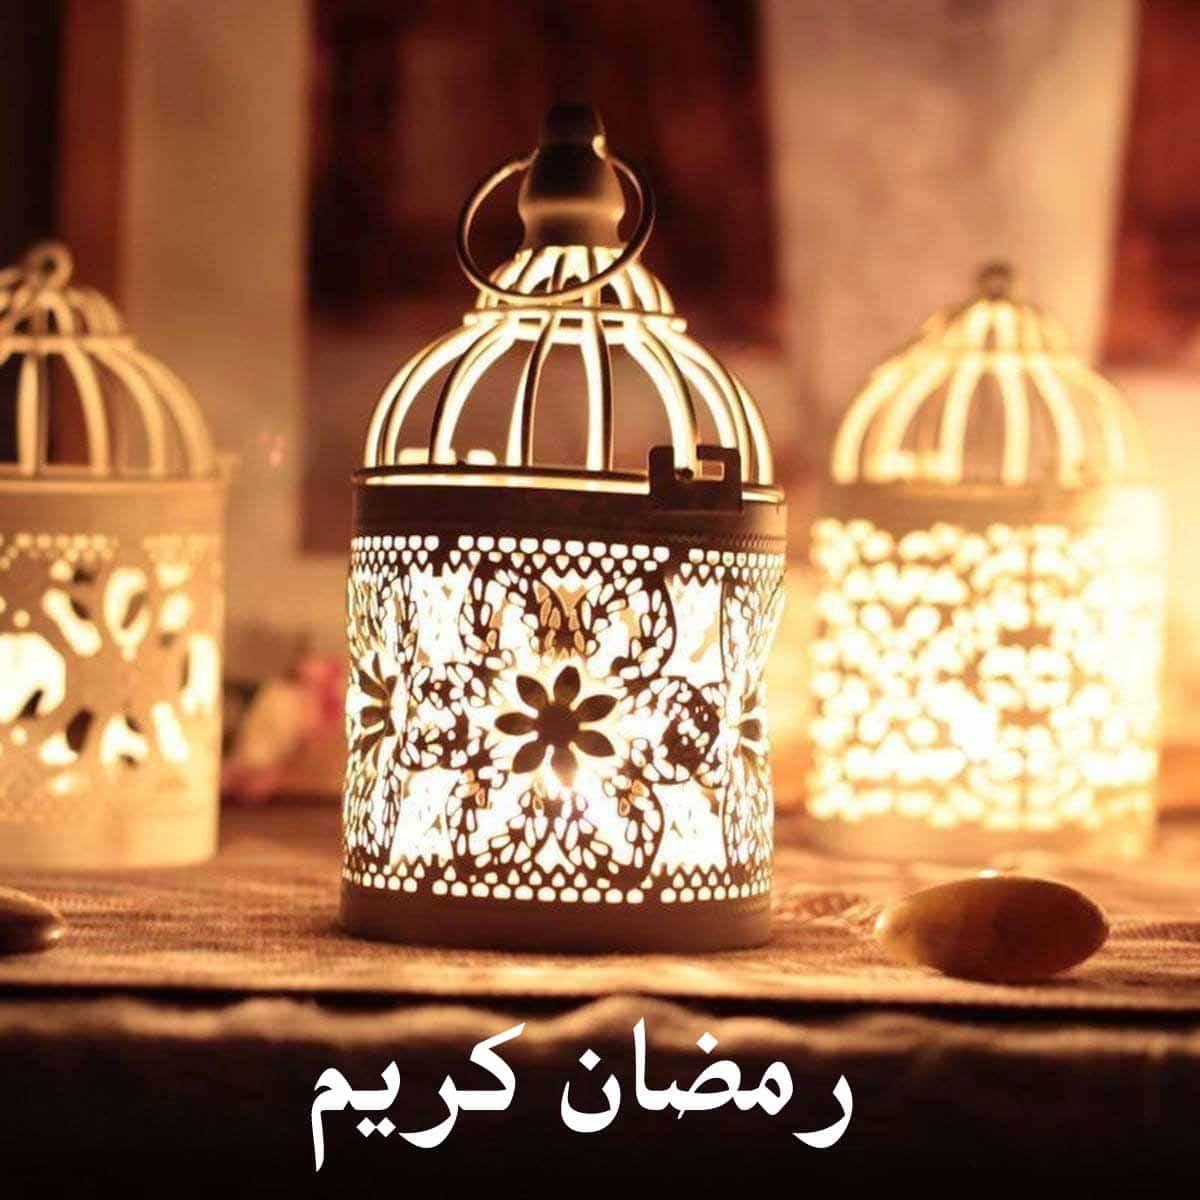 بالصور صور رمضان 2019 , اجمد واروع صور رمضان 2019 4946 3